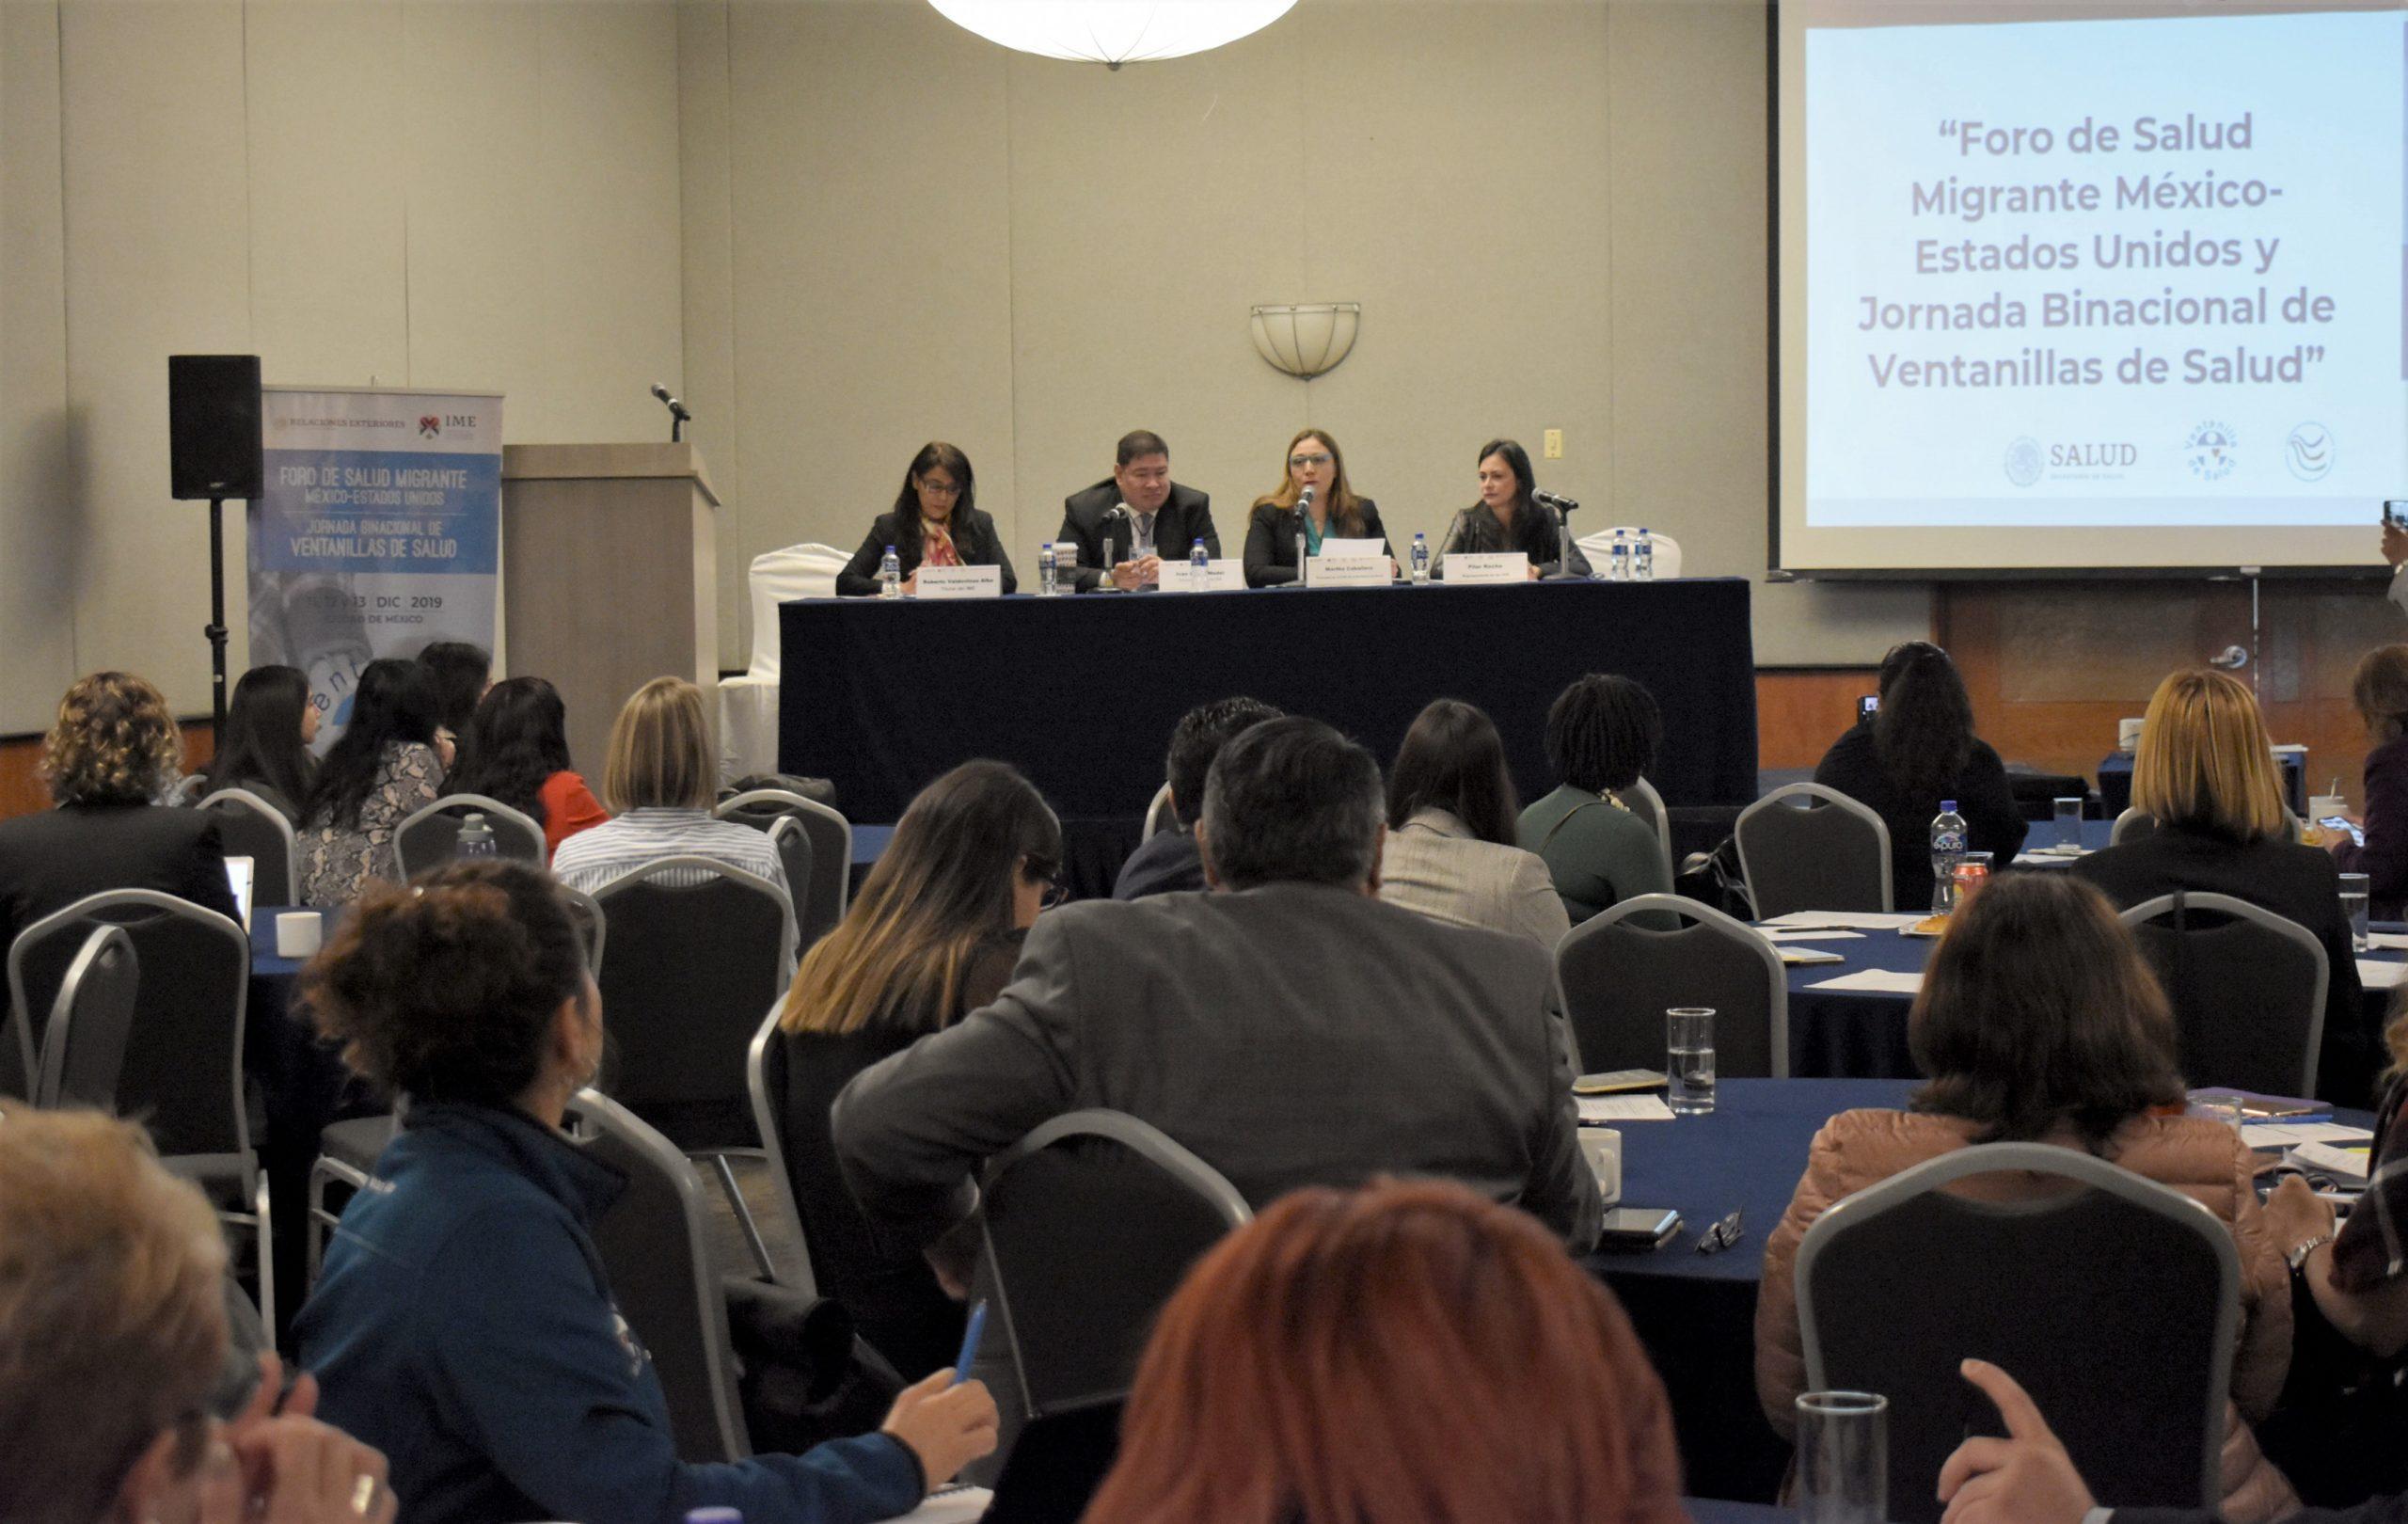 Foro de Salud Migrante México- Estados Unidos, en el marco de la XVI Reunión Anual de Ventanillas de Salud.